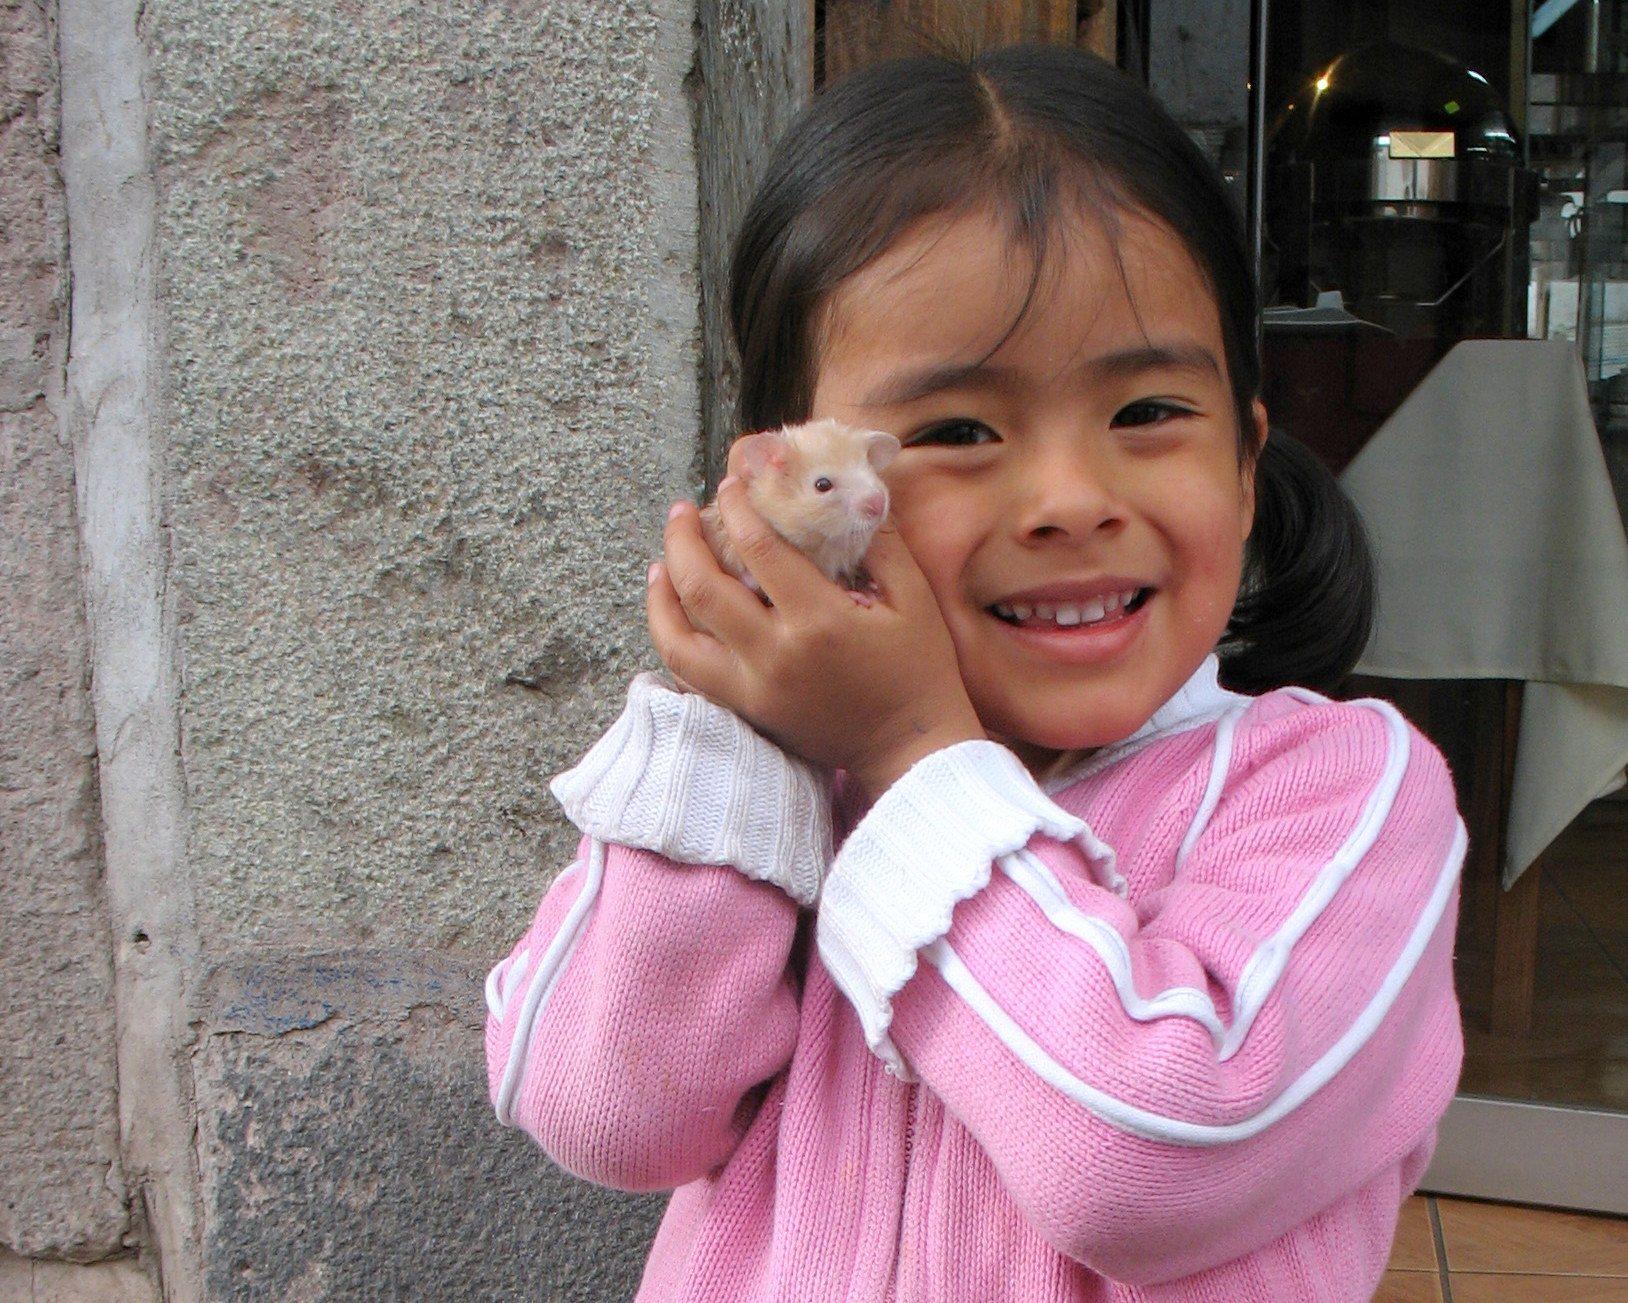 A Taste of Peru: Eating Guinea Pig